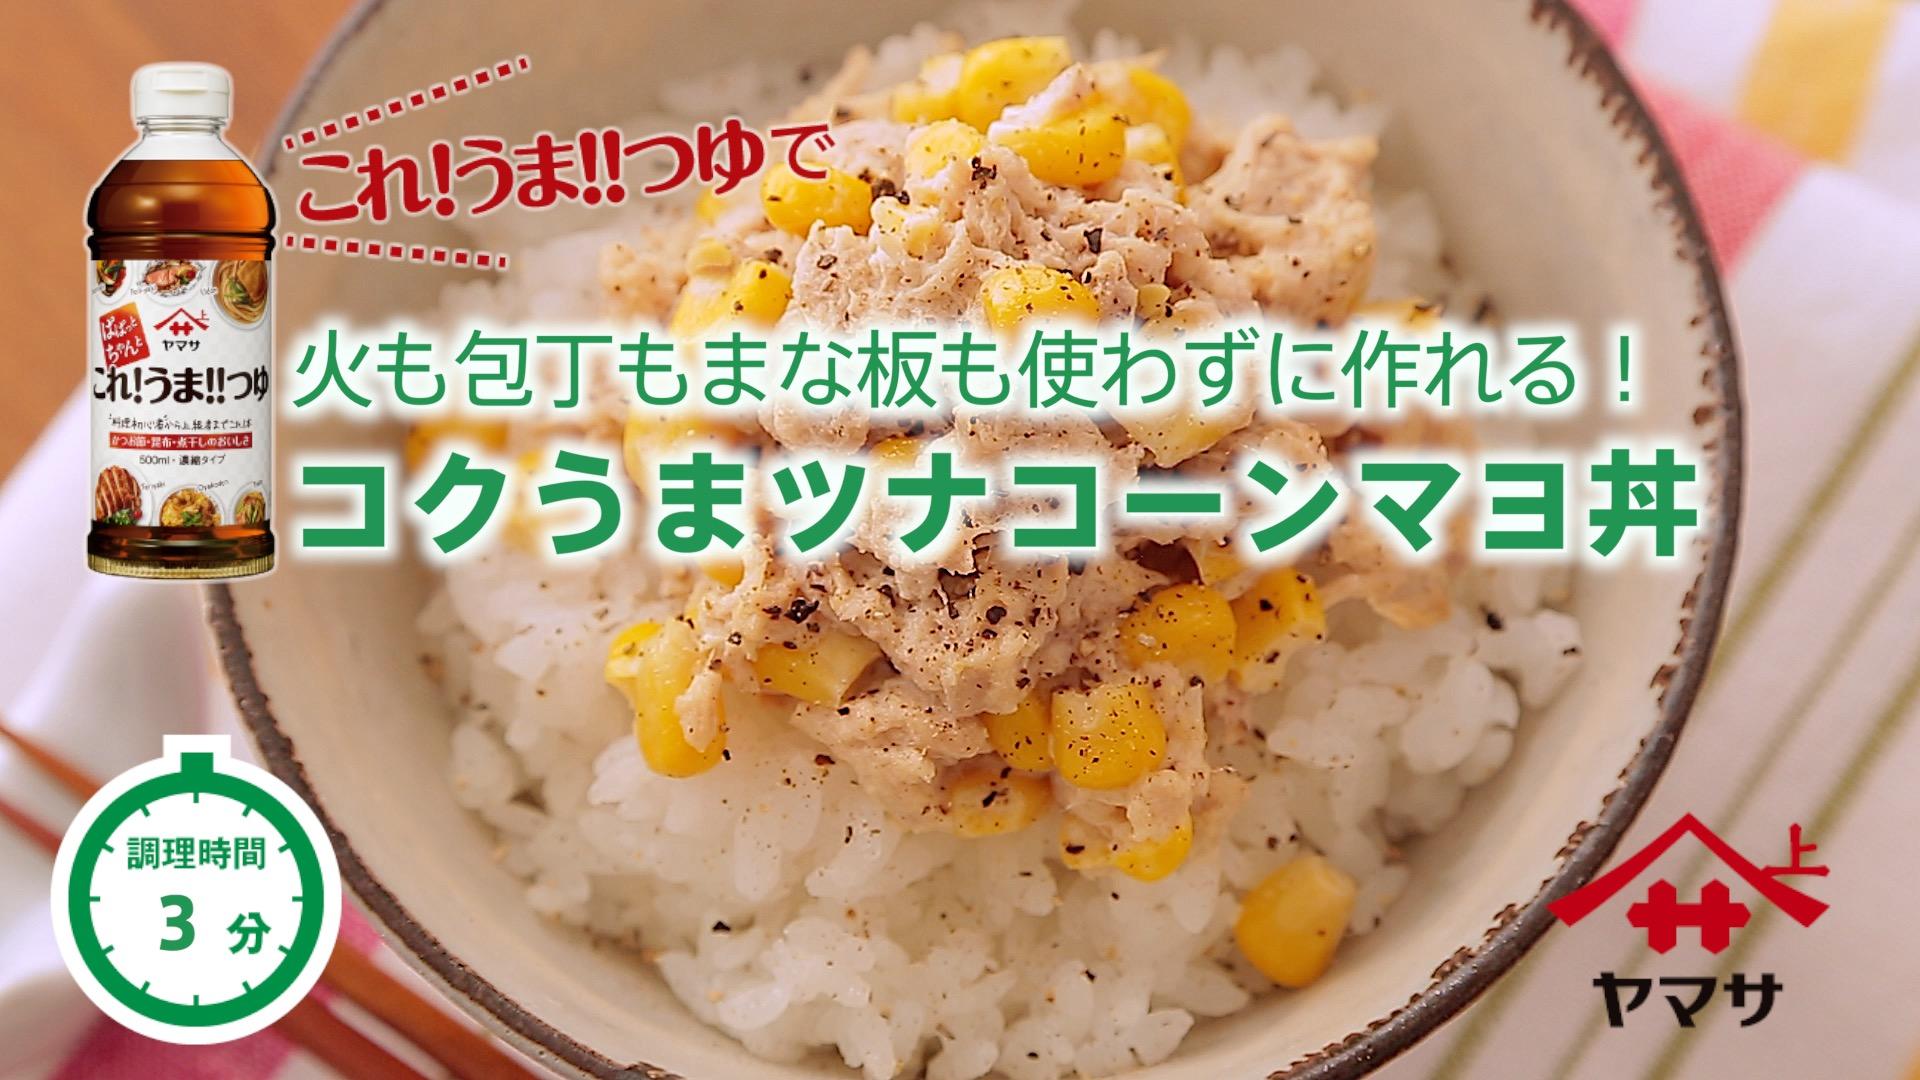 コクうまツナコーンマヨ丼